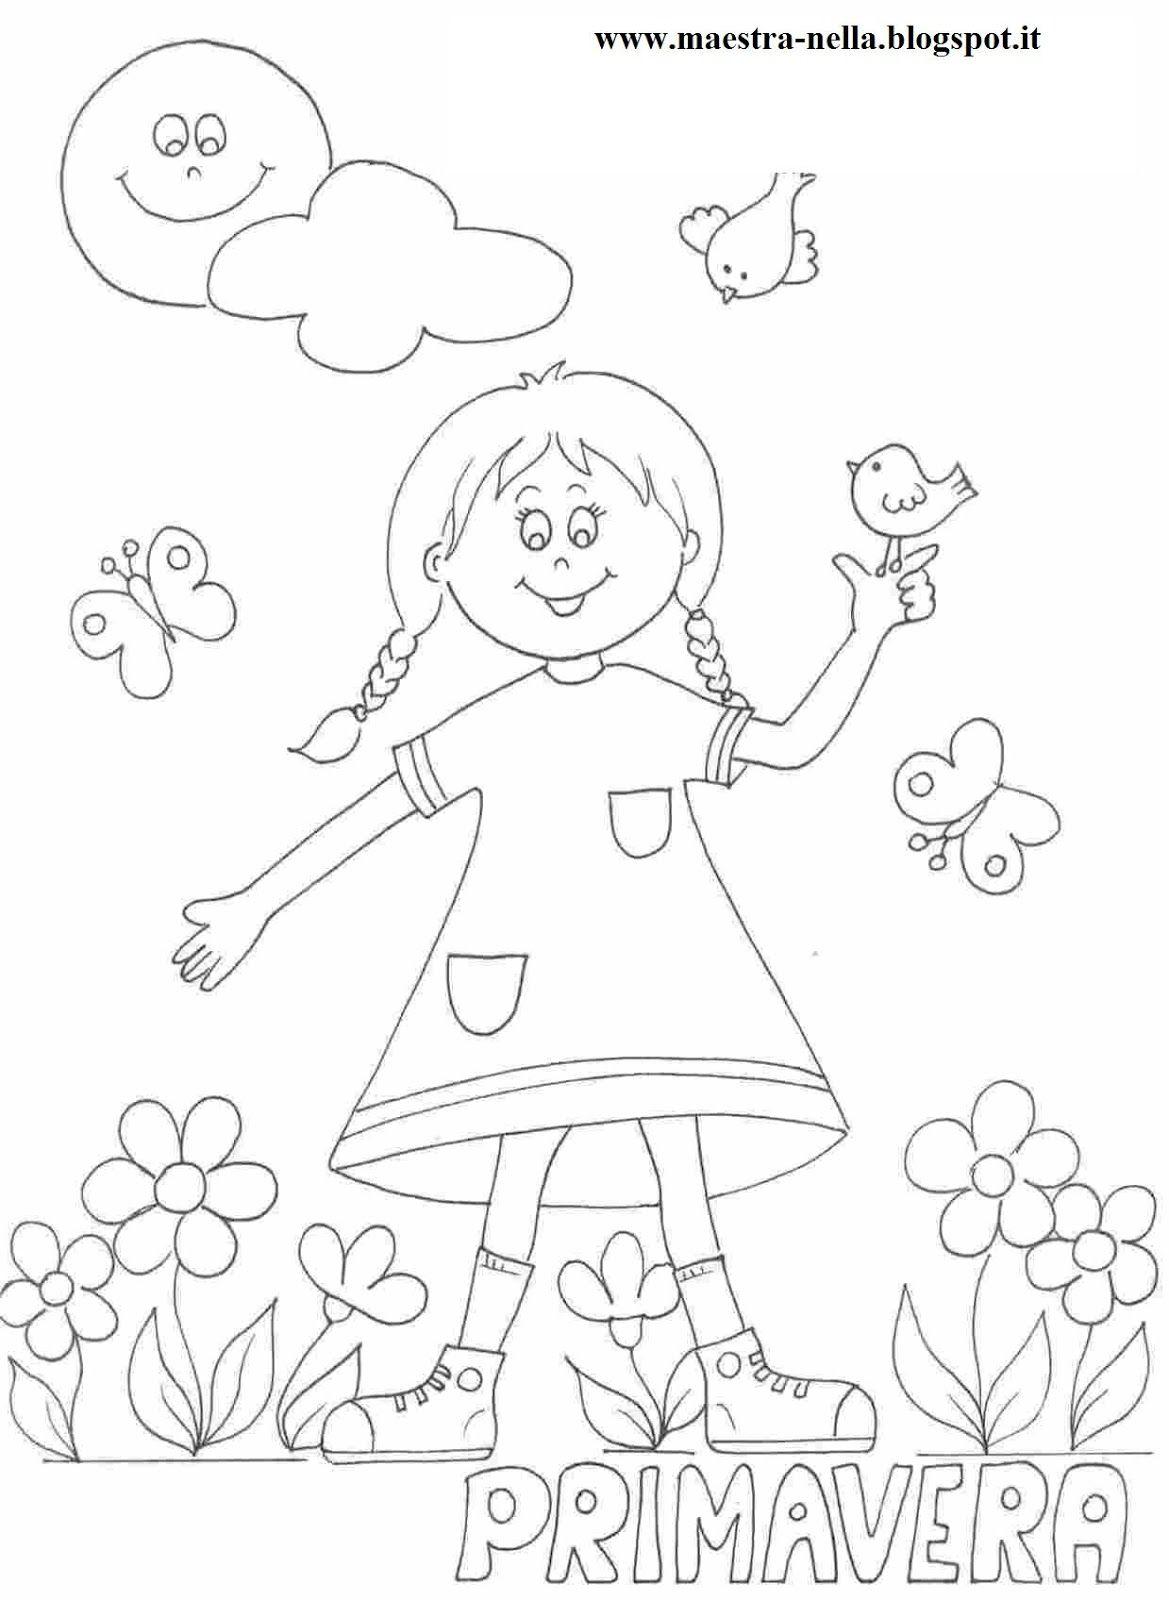 Disegni idee e lavoretti per la scuola dell 39 infanzia e - Pagine da colorare di scena di primavera ...